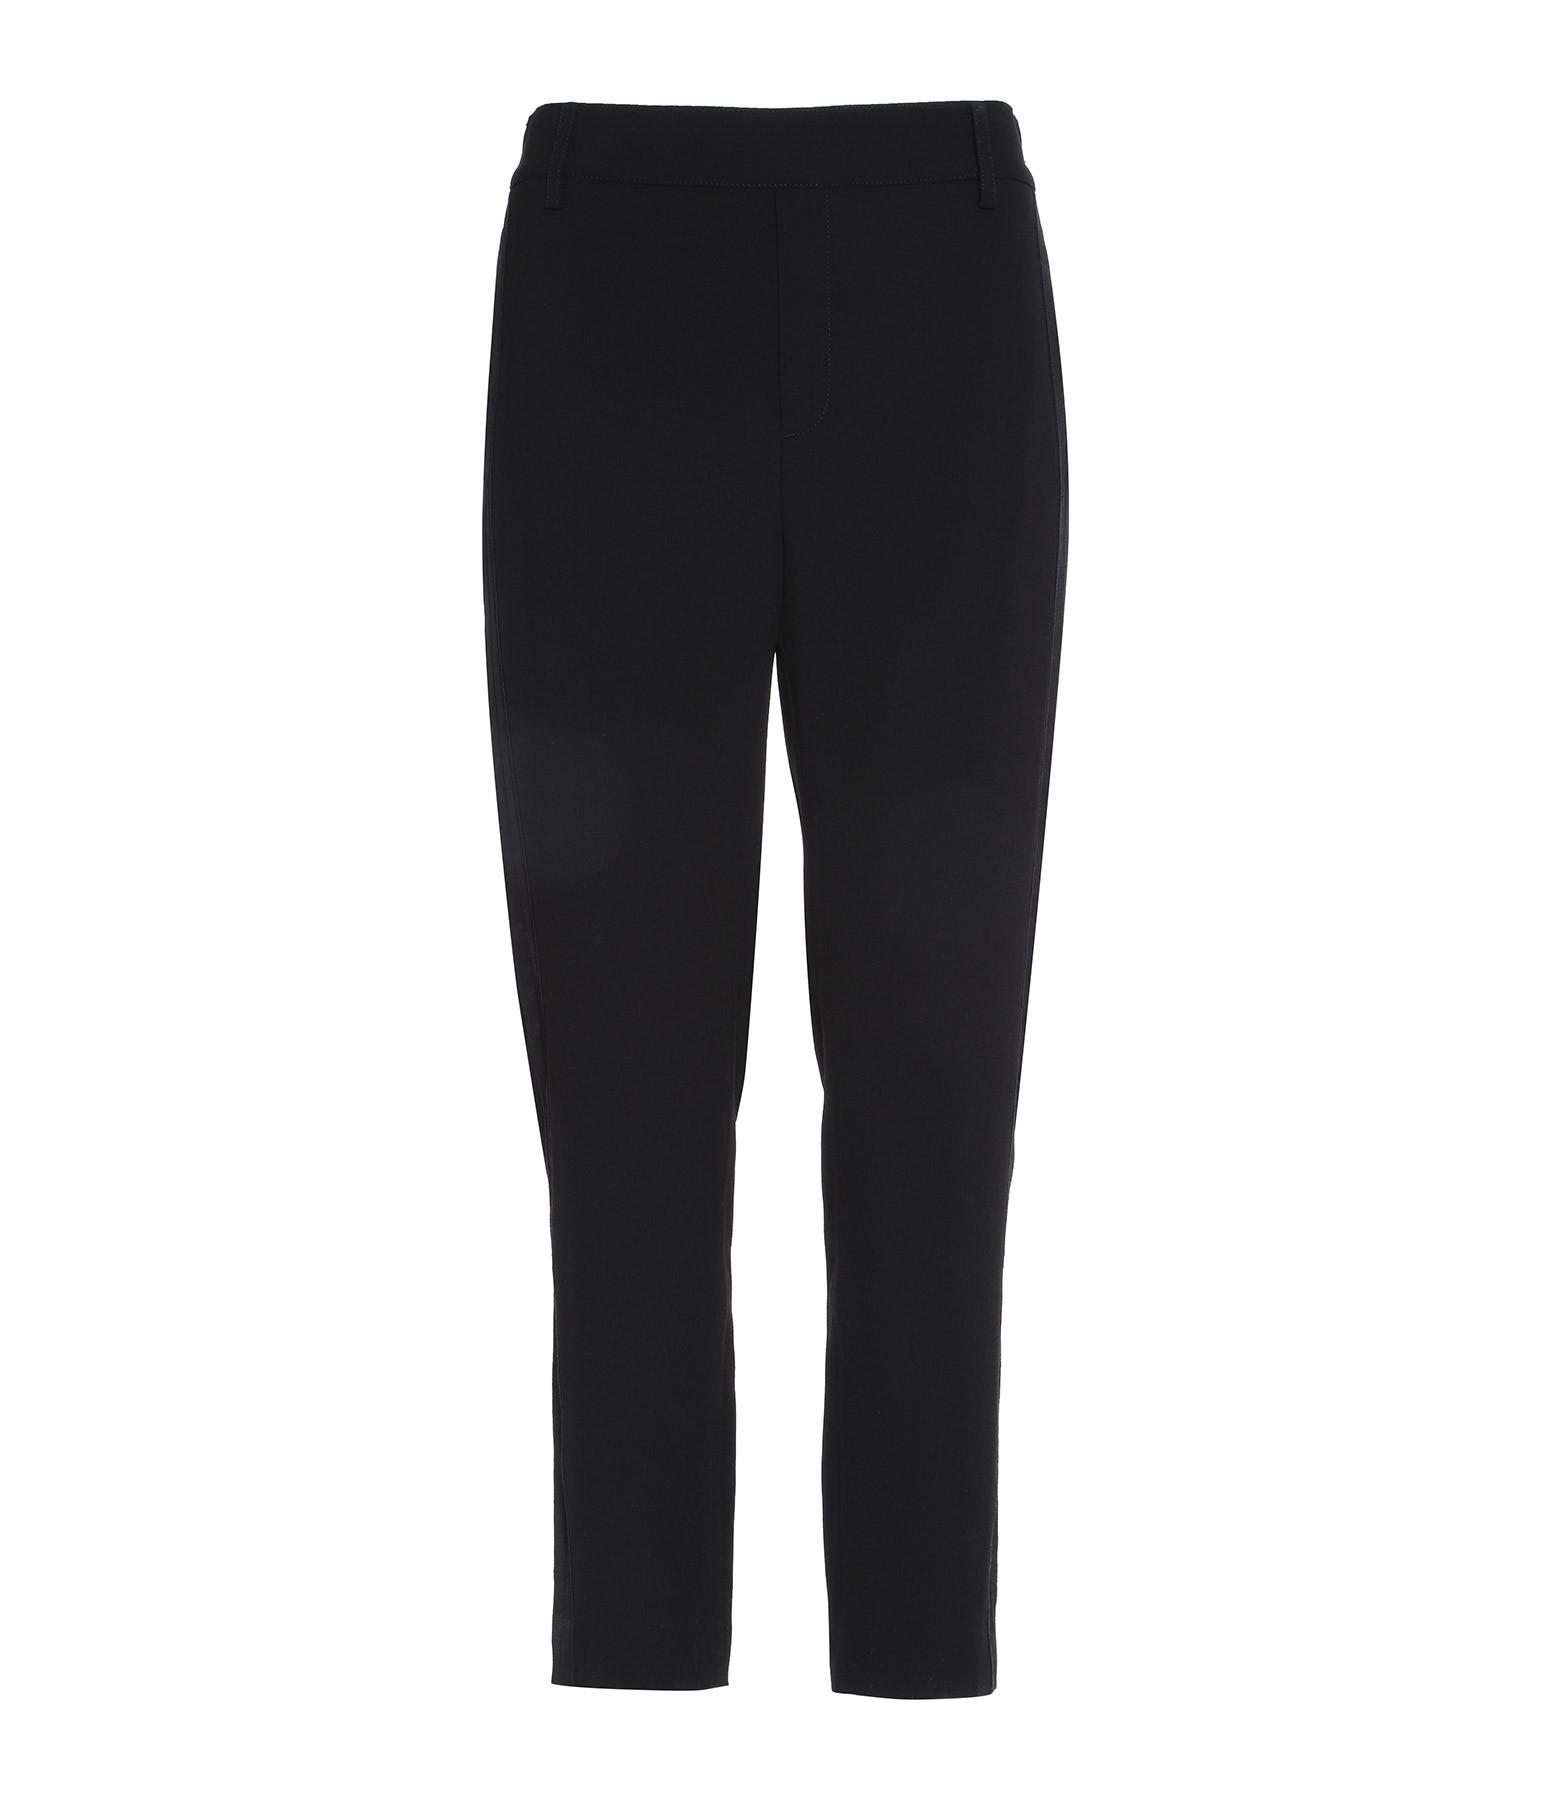 VINCE - Pantalon Satin Noir 8560d1f01442